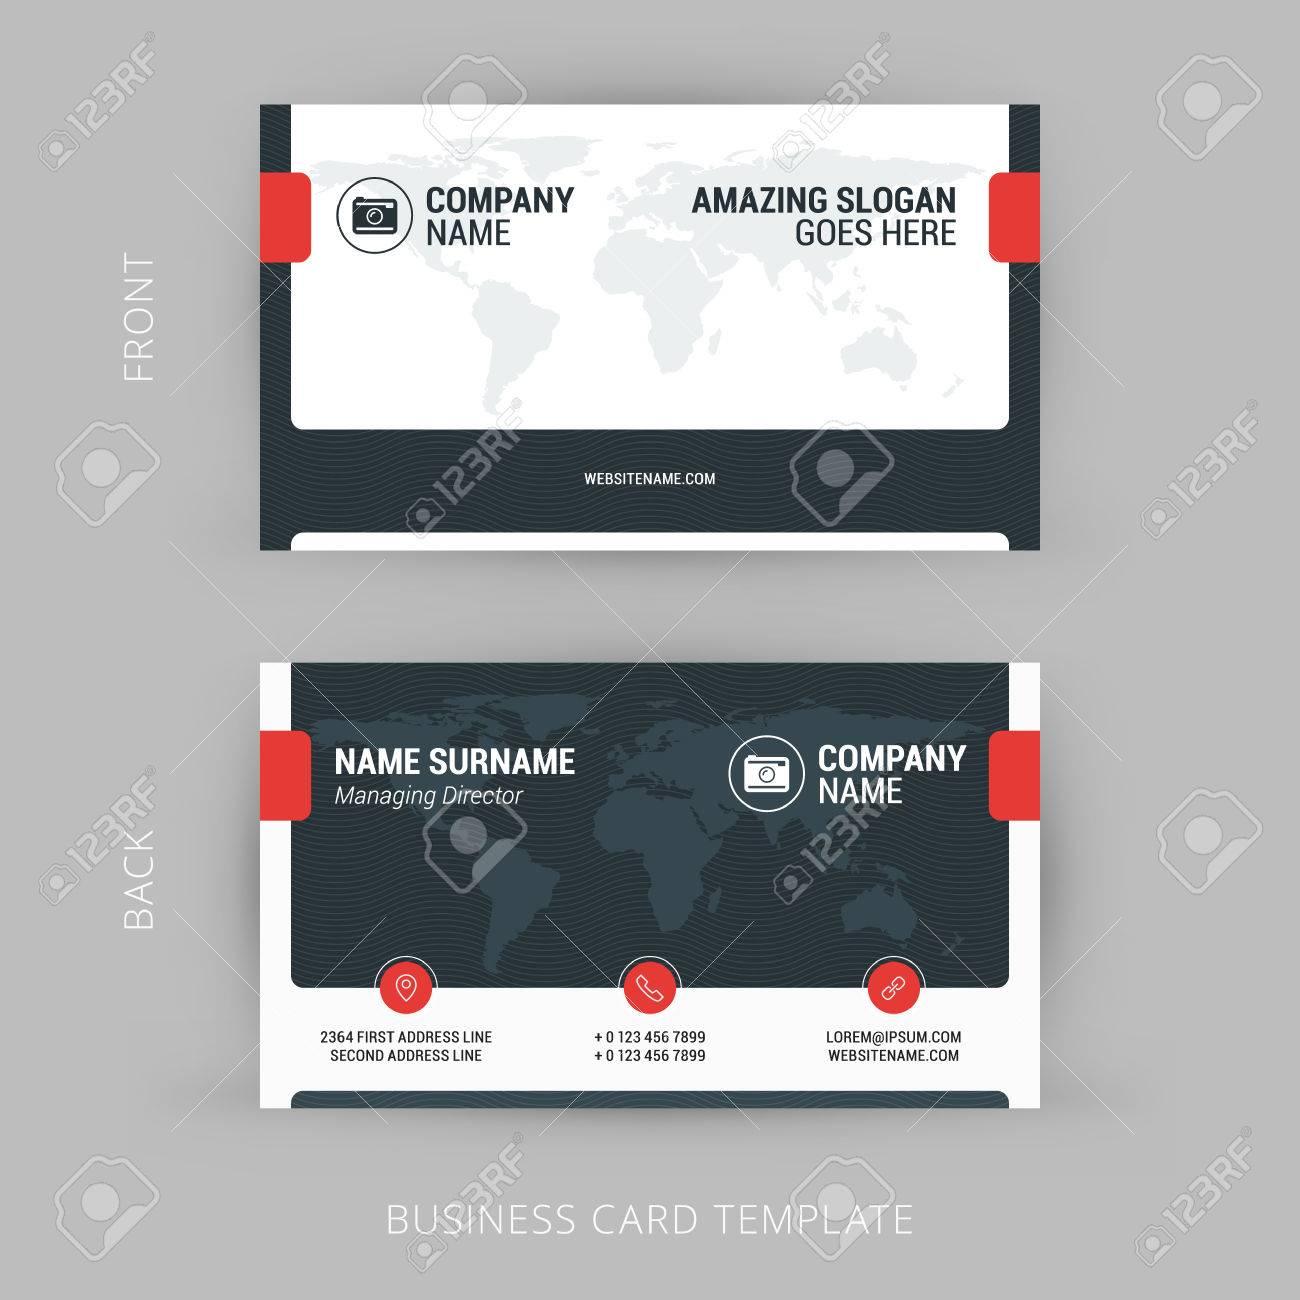 Modele De Carte Visite Creative Et Propre D